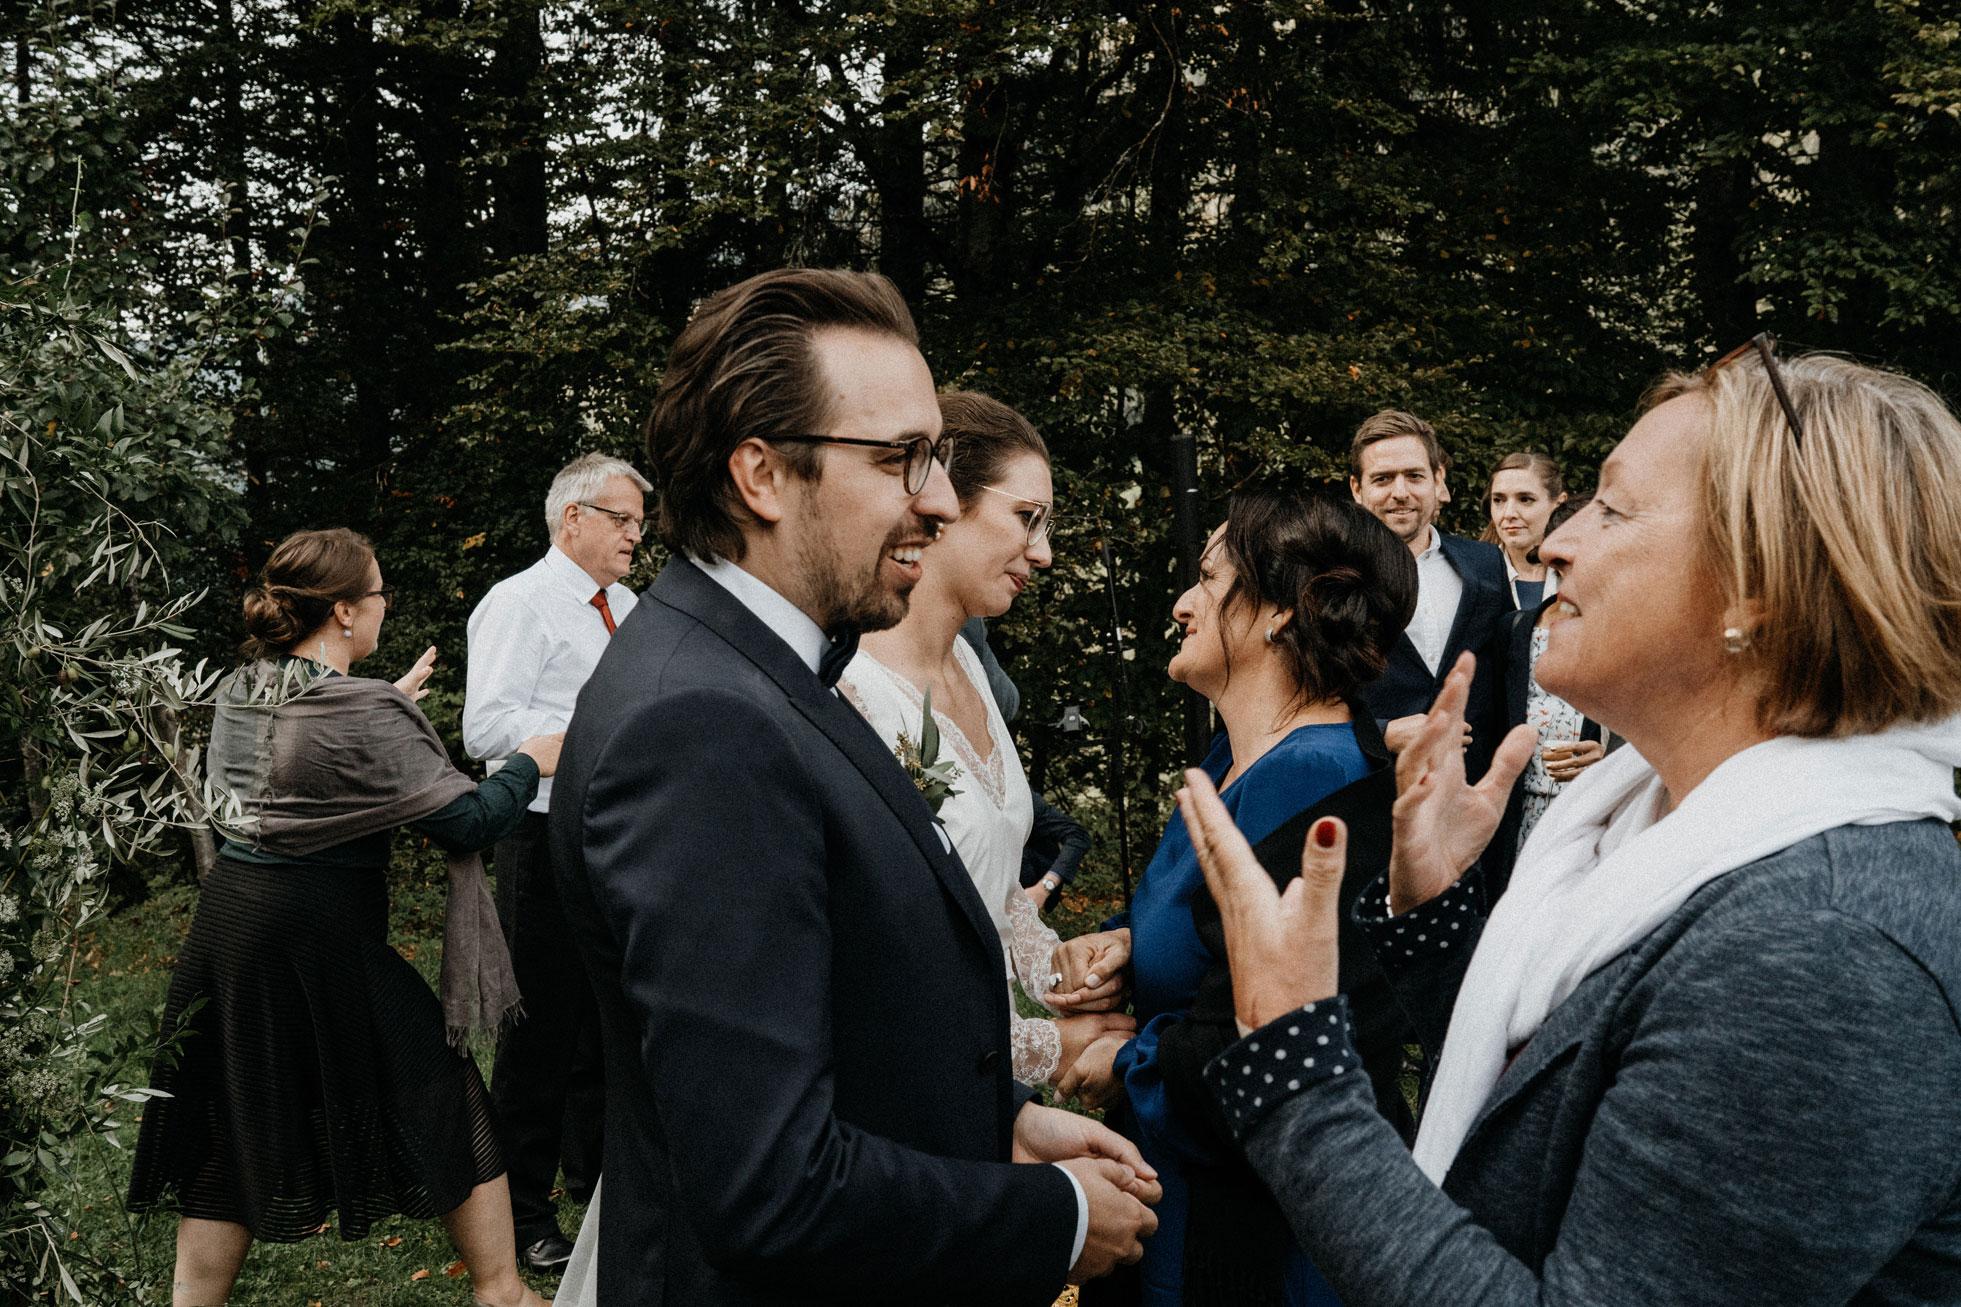 Hochzeit_Claire_Manuel_Villa_Maund_Daniel_Jenny-264.jpg